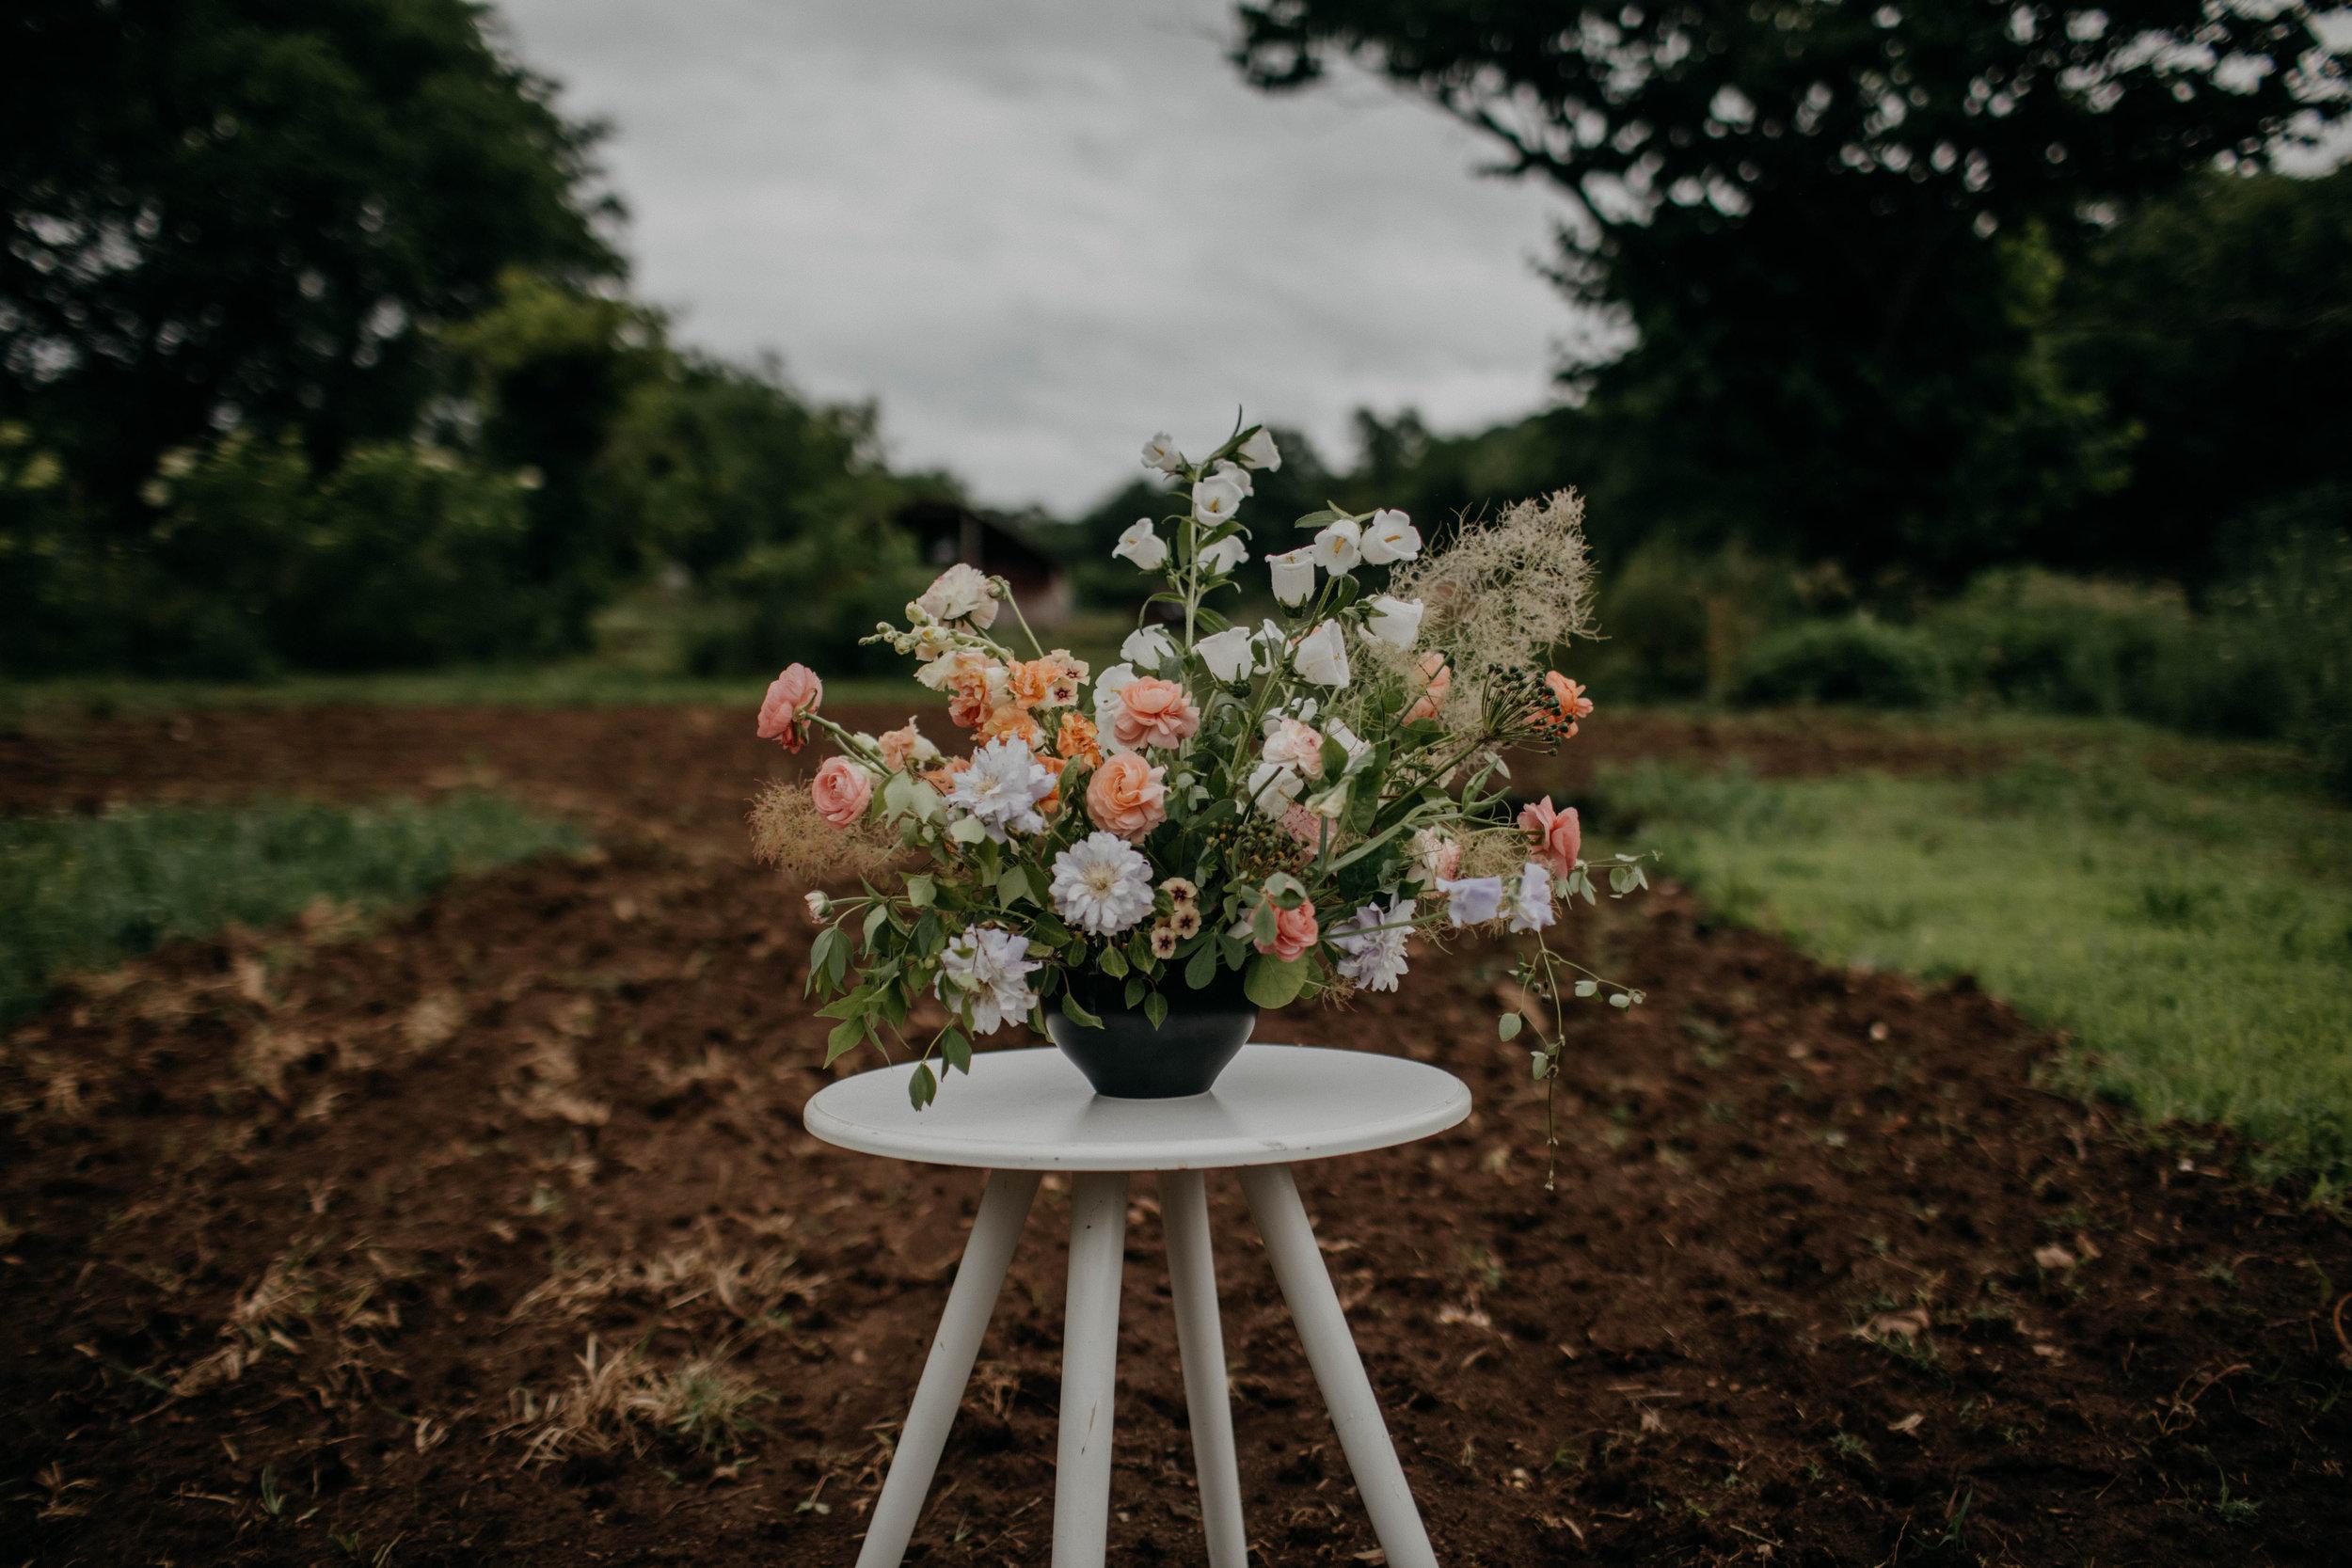 nashville floral workshop nashville tennessee wedding photographer79.jpg